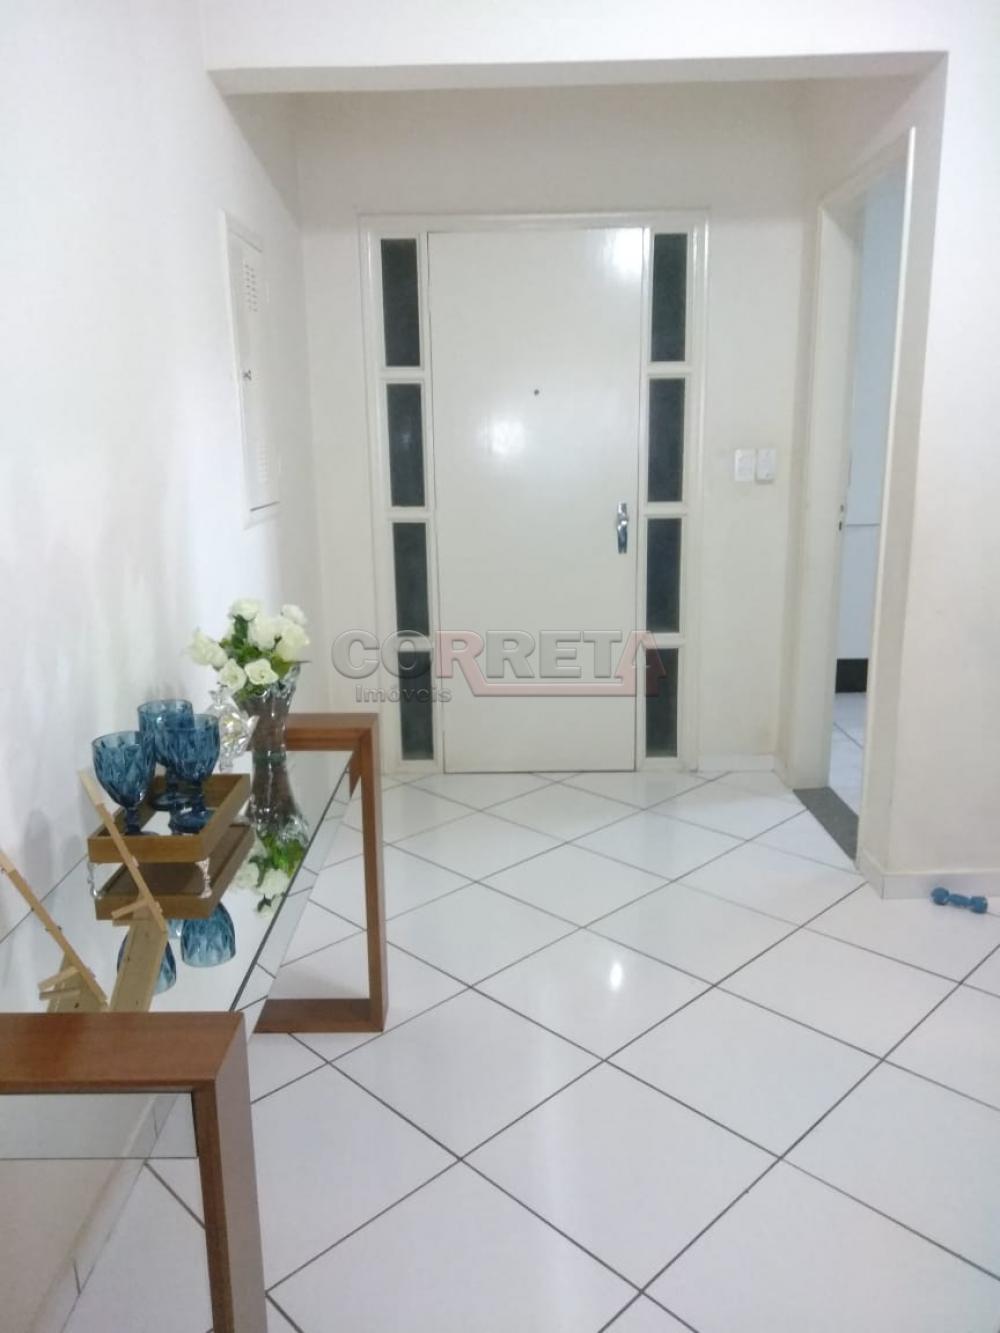 Comprar Apartamento / Padrão em Araçatuba apenas R$ 360.000,00 - Foto 4